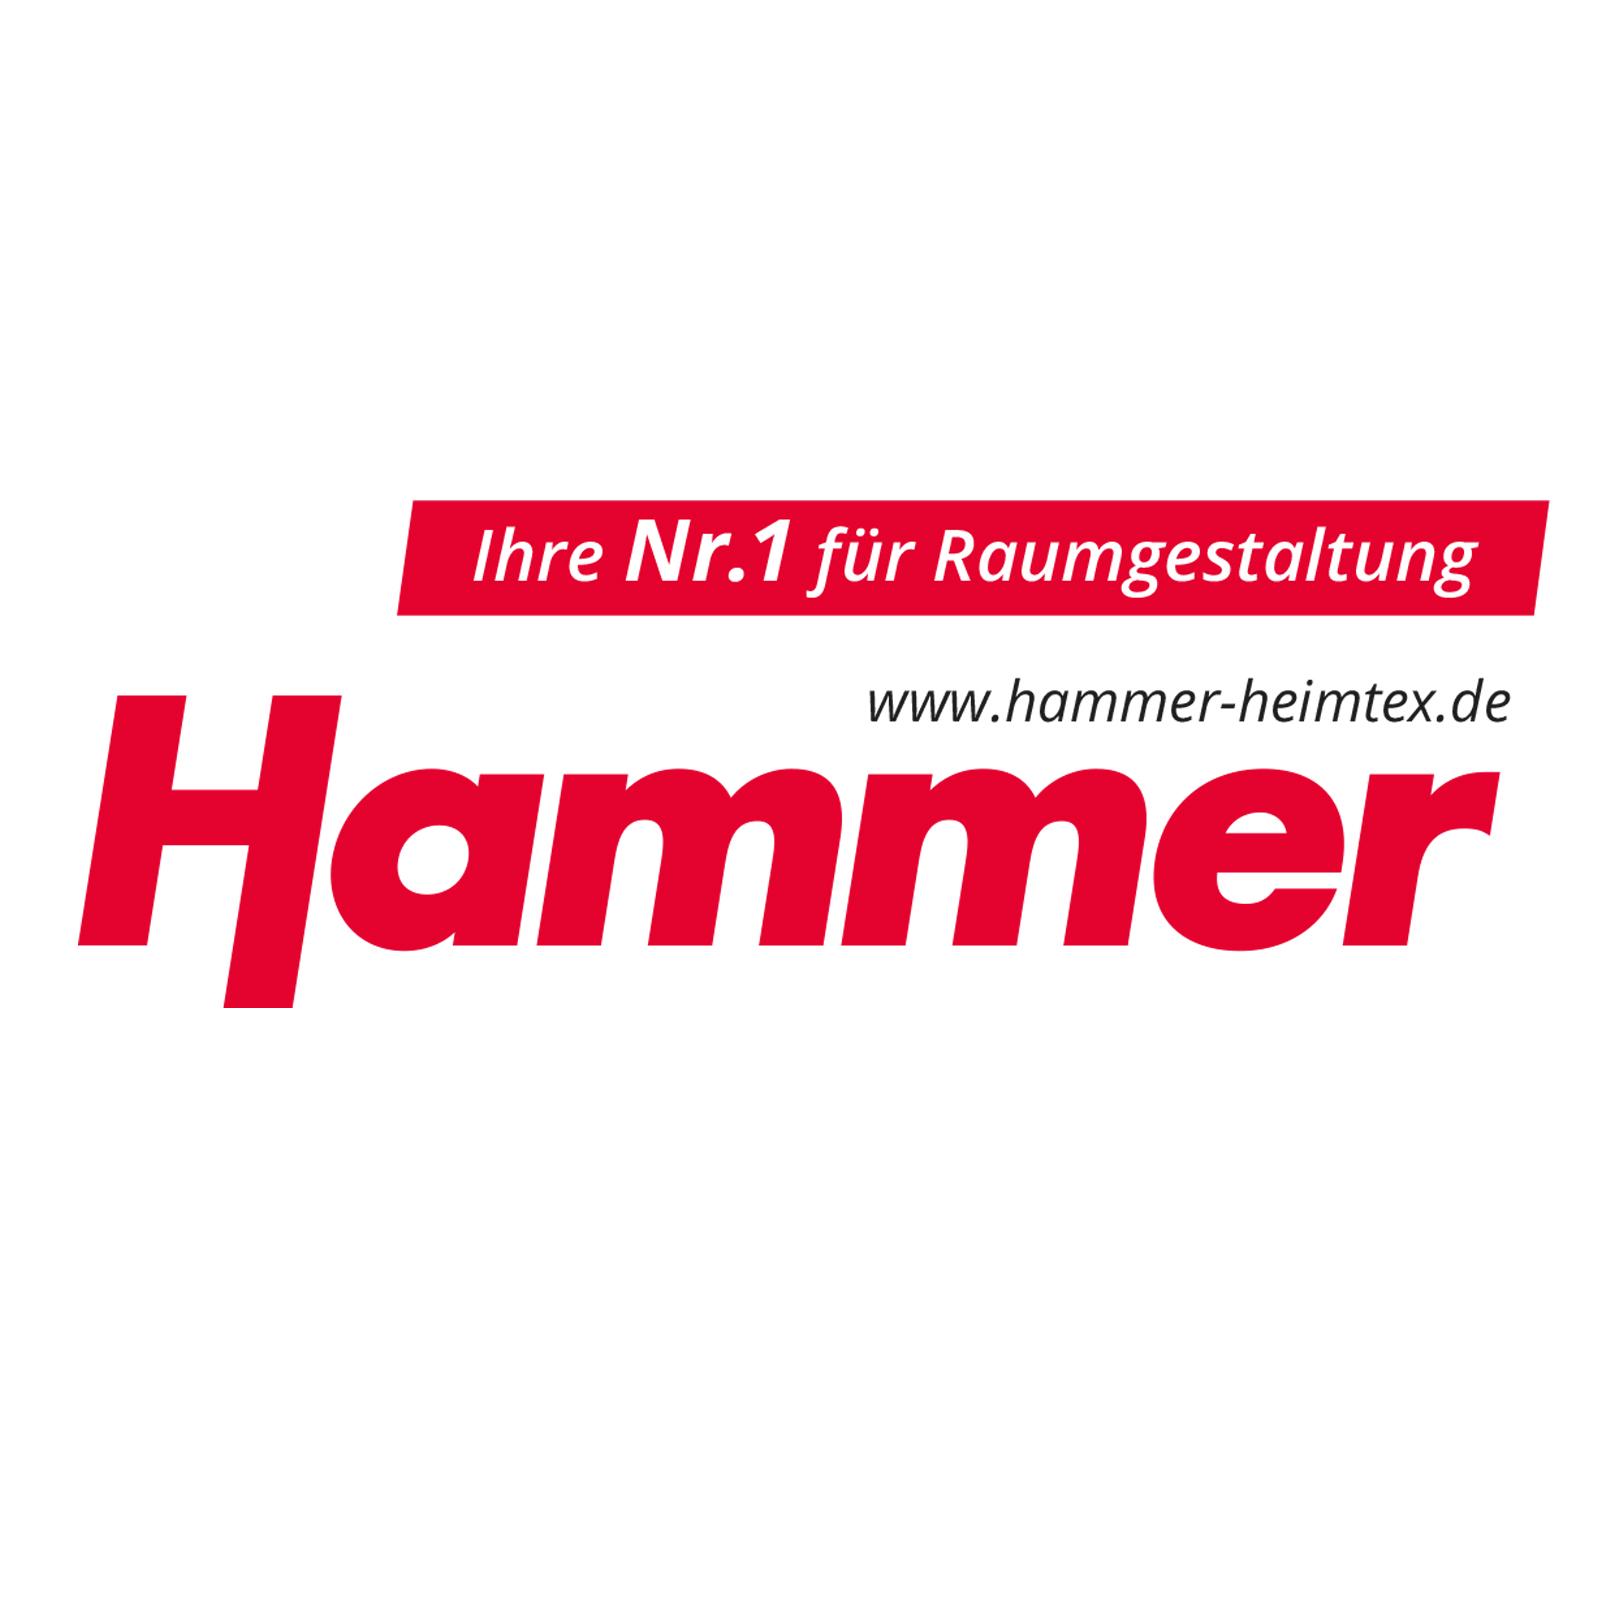 hammer fachmarkt bad nauheim in bad nauheim branchenbuch deutschland. Black Bedroom Furniture Sets. Home Design Ideas